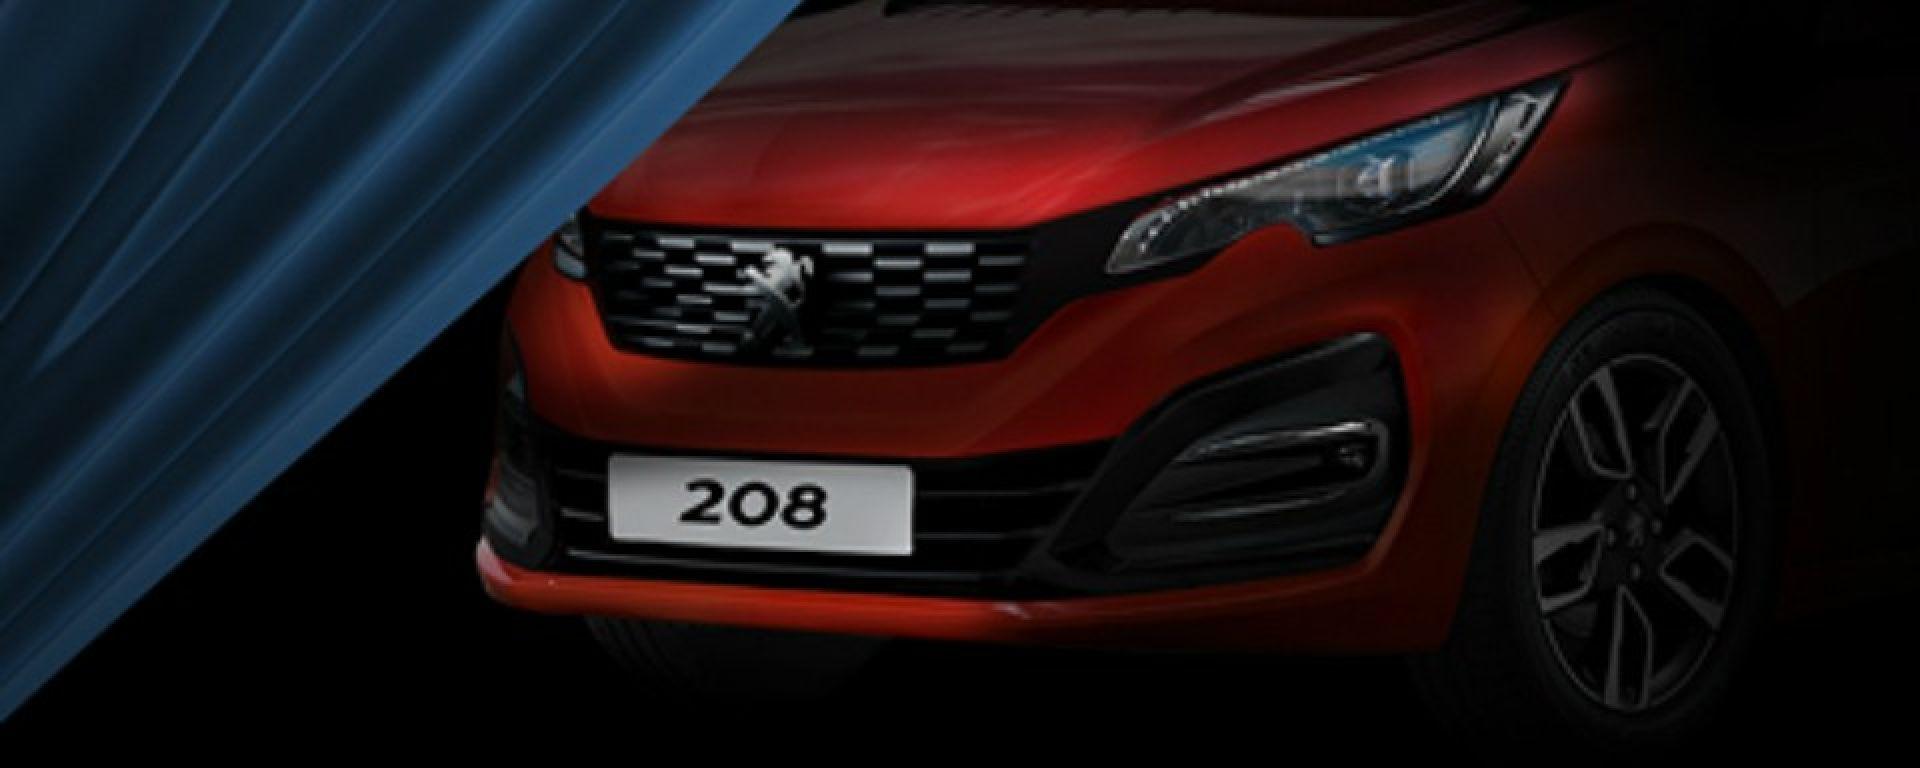 Nuova Peugeot 208: prima uscita nel 2018 con nuovi motori e elettrico - MotorBox